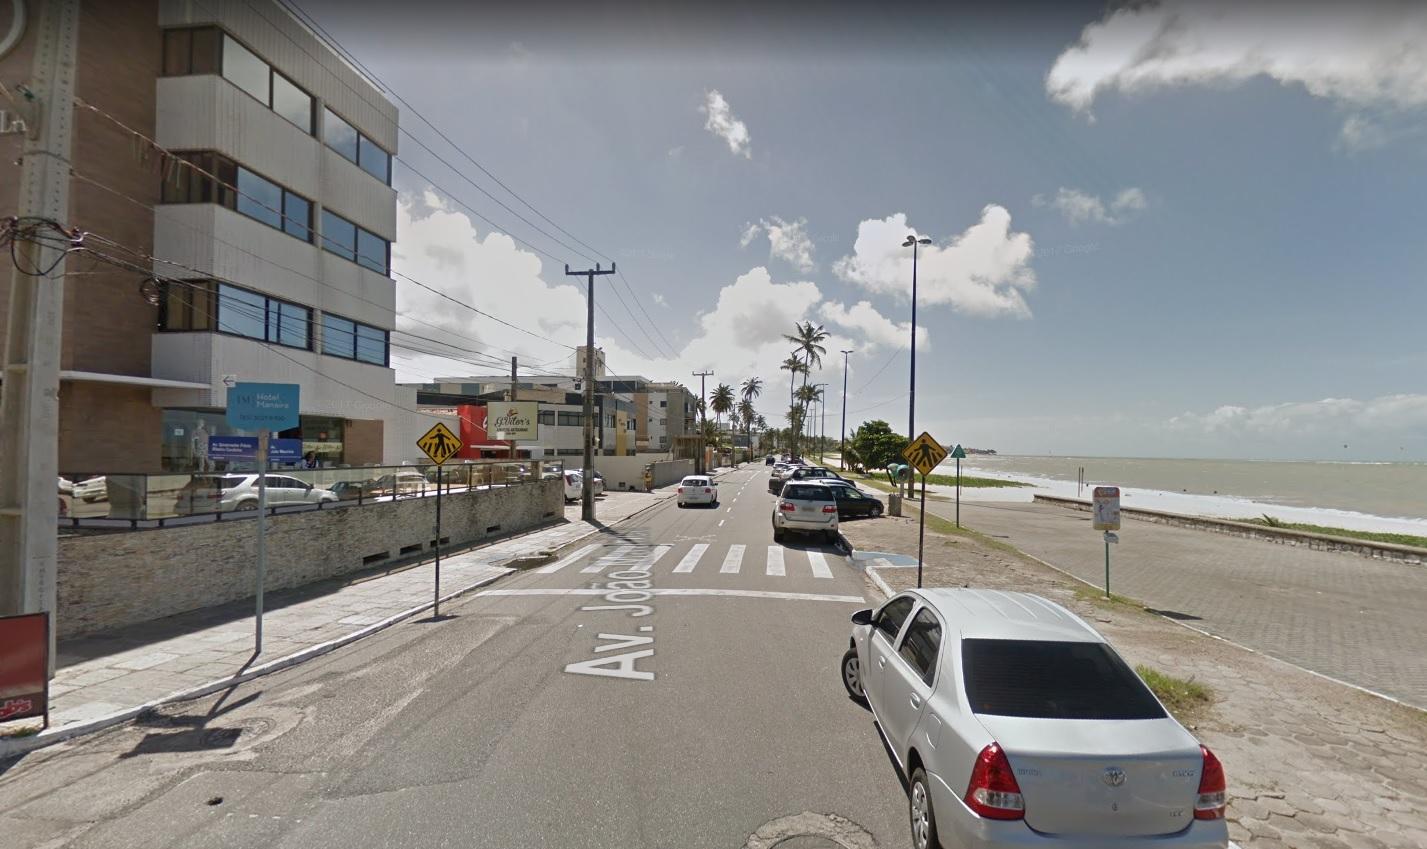 Semob-JP altera circulação de rua para melhorar fluidez na Av. Argemiro de Figueiredo